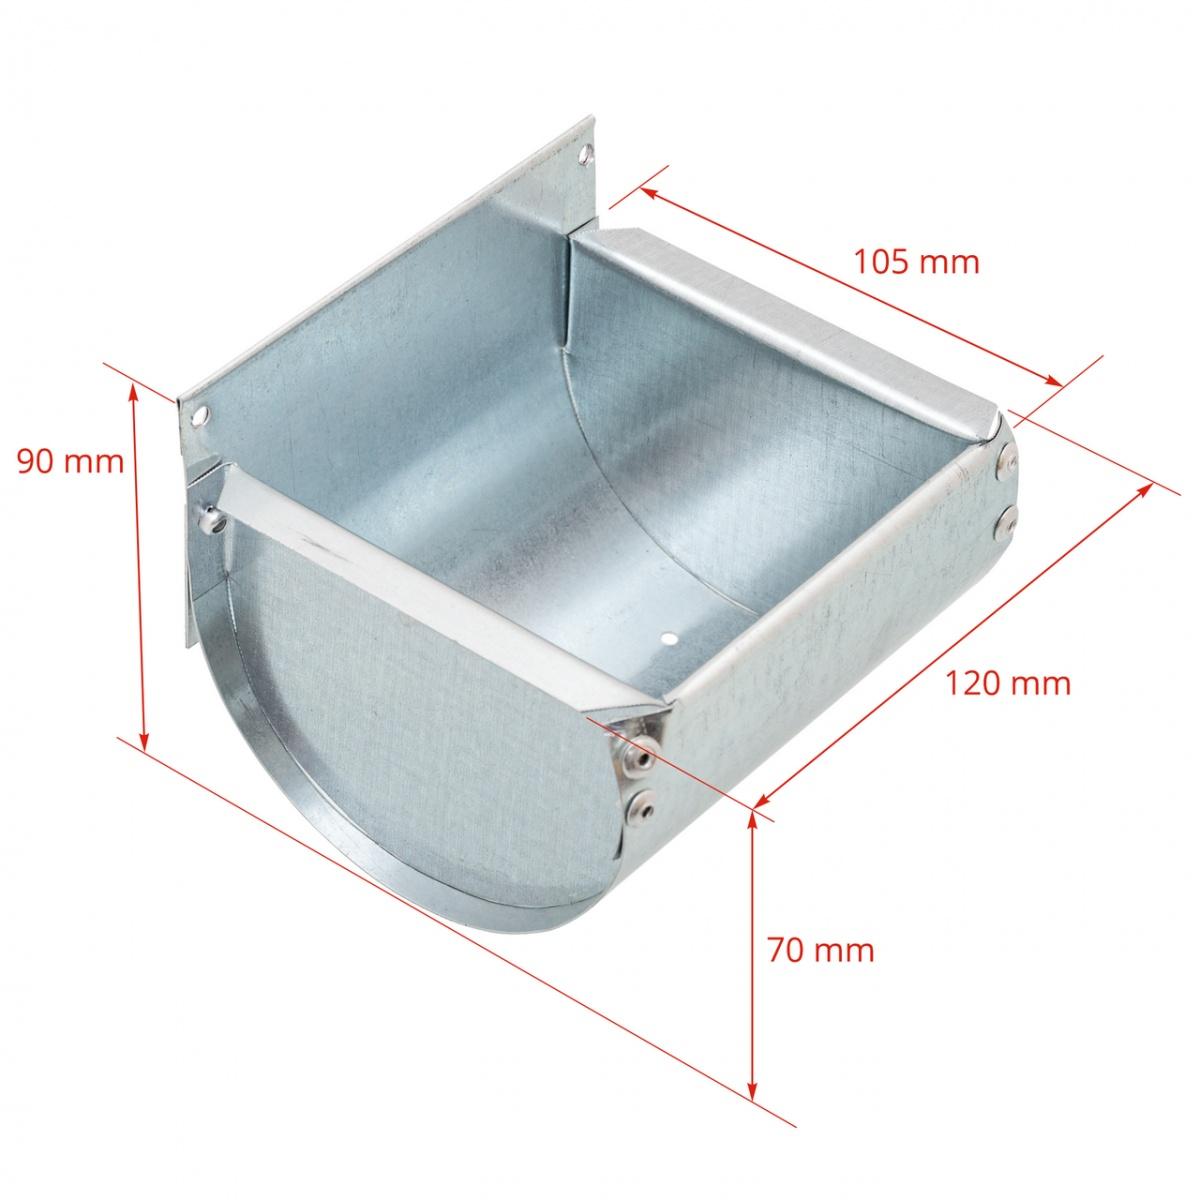 Hrănitoare metalică pentru rozătoare, 12 cm